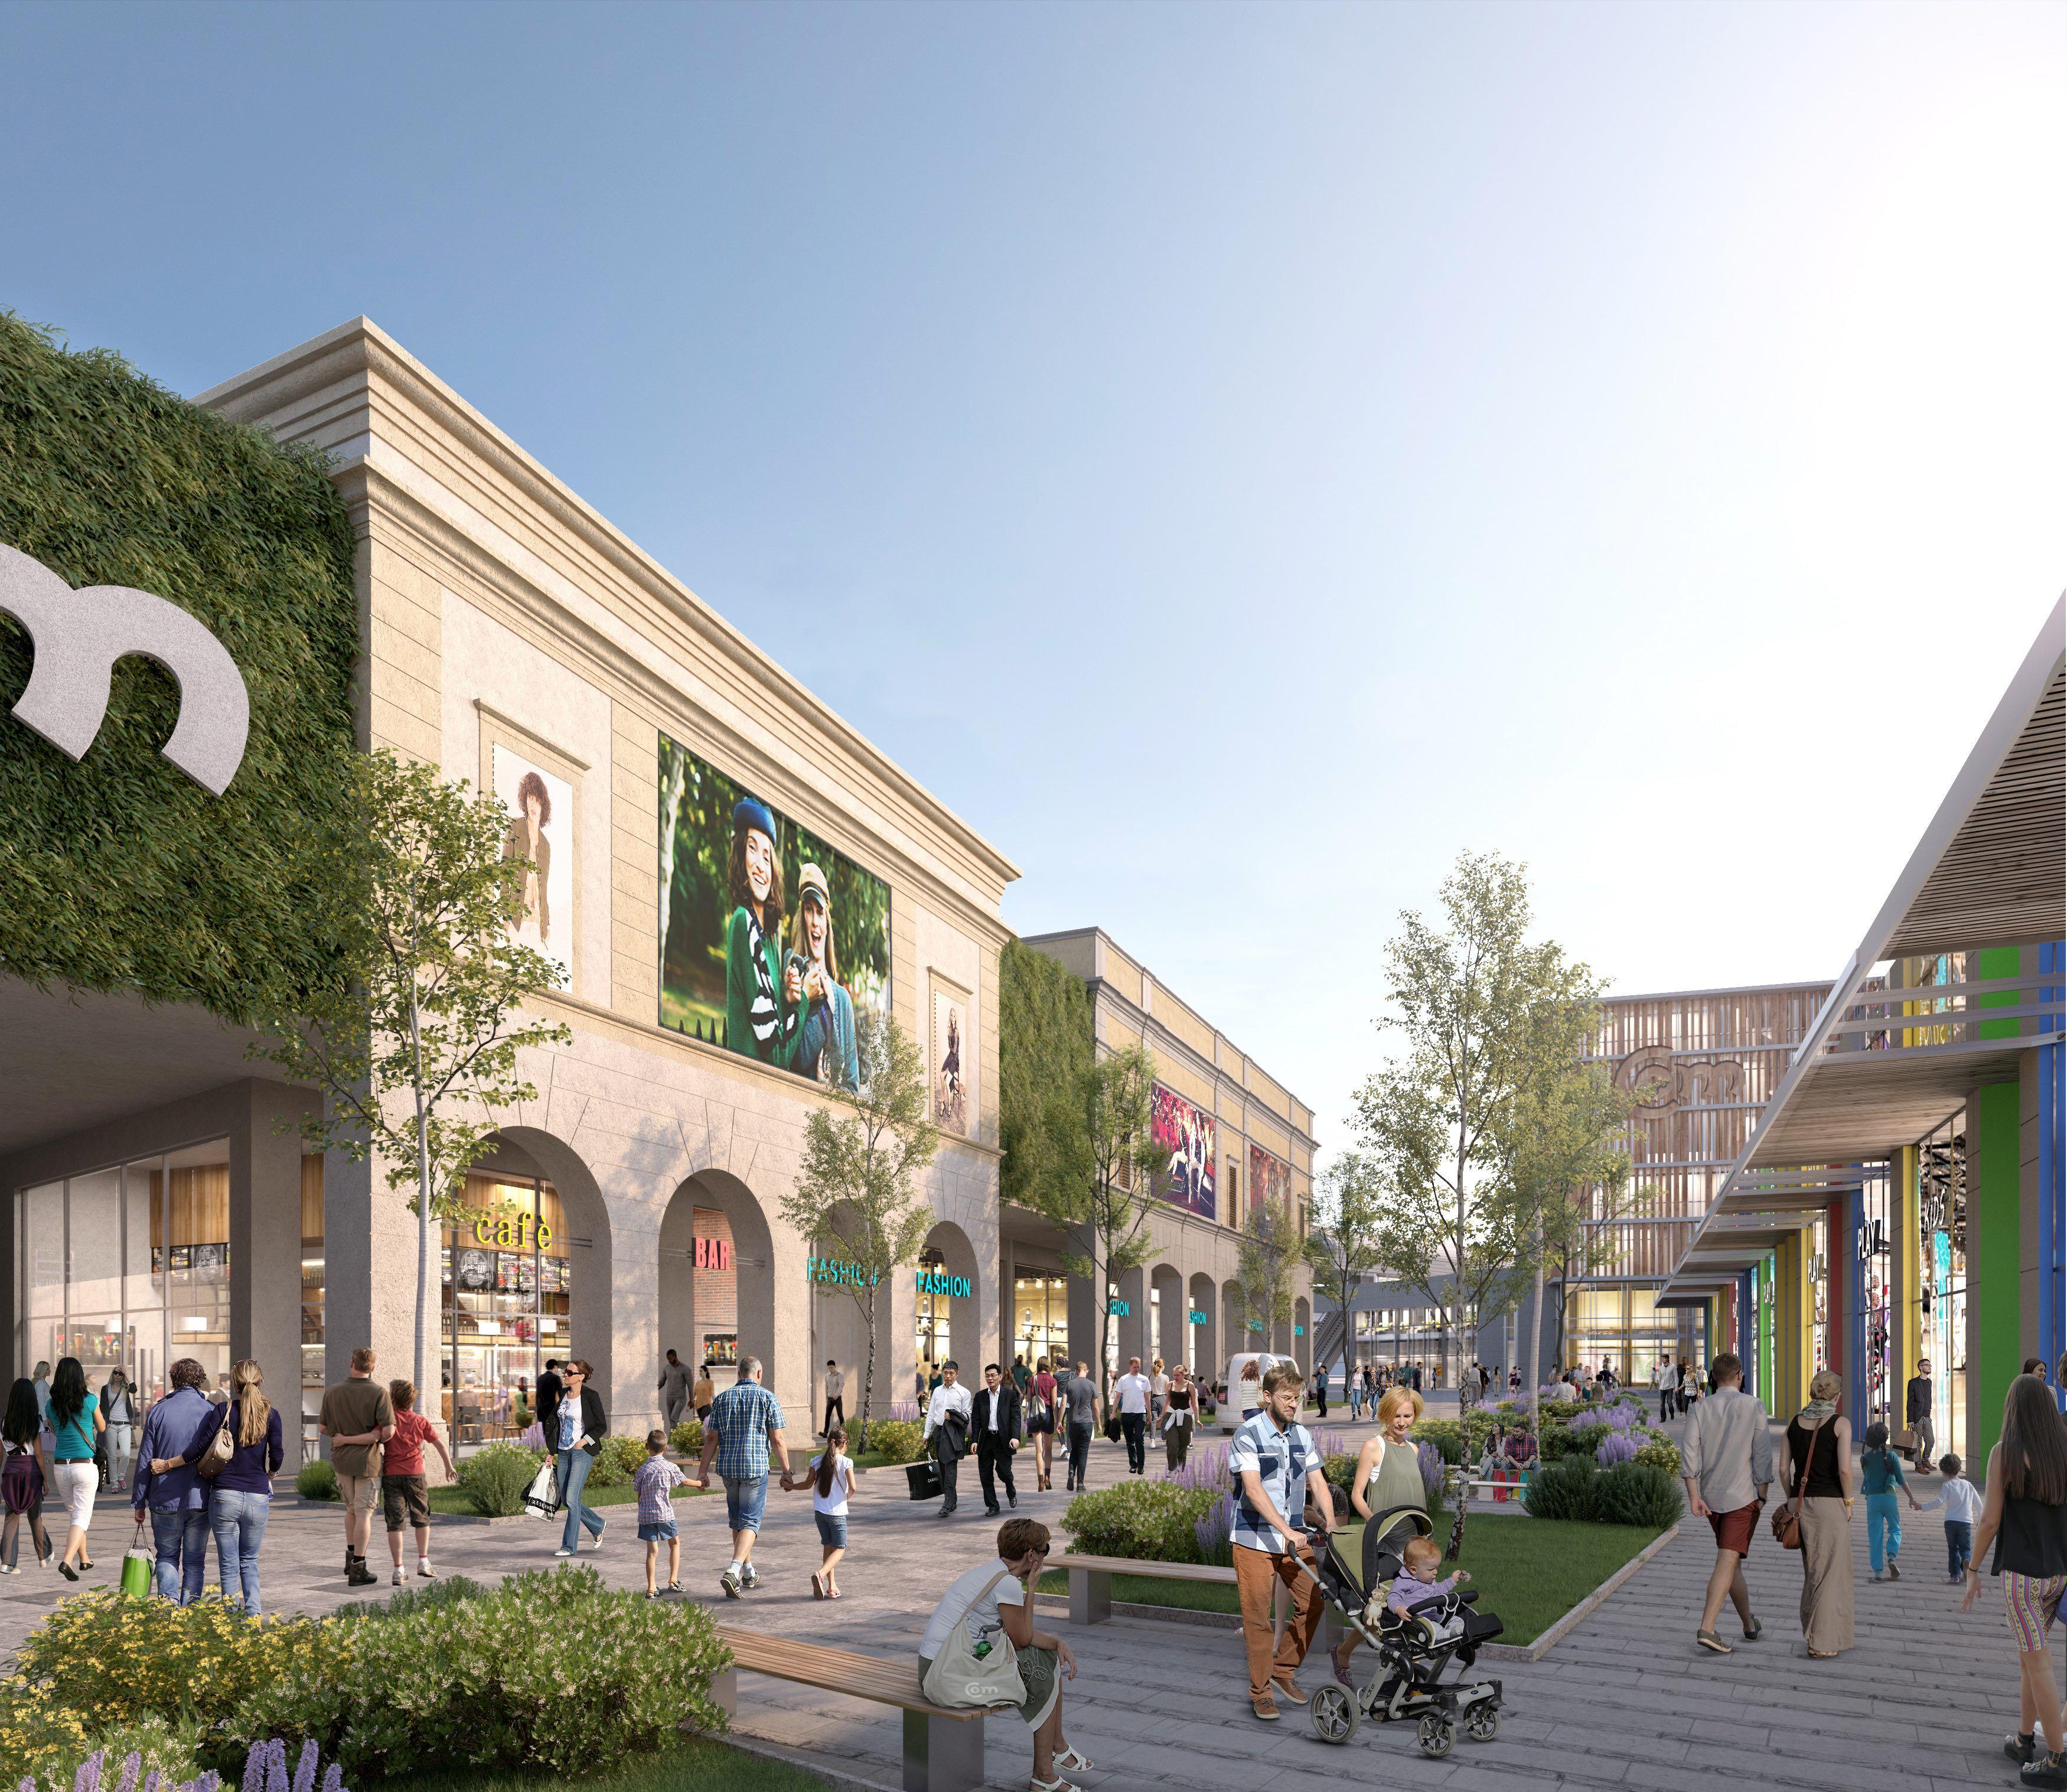 CASELLE OPEN MALL - Ecco come sarà il mega centro commerciale che aprirà nel 2022: previsti 2500 posti di lavoro - FOTO PROGETTO